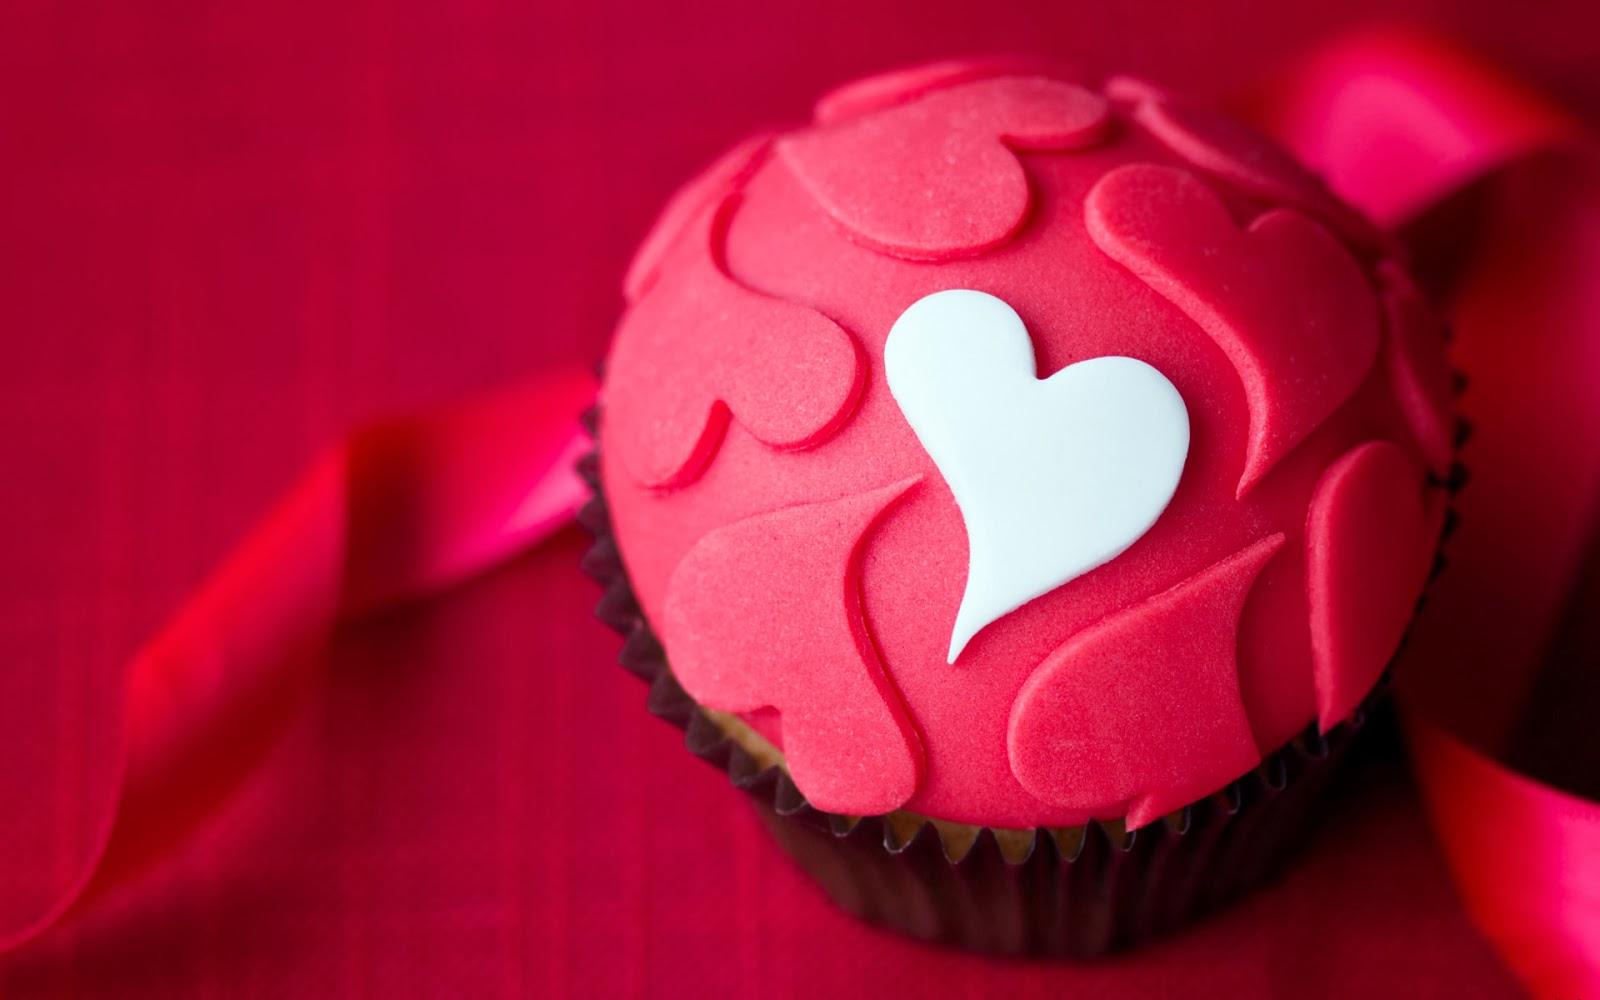 """<img src=""""http://2.bp.blogspot.com/-Dx1X35dZ_p4/UuaECtAzsVI/AAAAAAAAKZ8/qT2WQPlPbWQ/s1600/love-cake-wallpaper.jpg"""" alt=""""love cake wallpaper"""" />"""